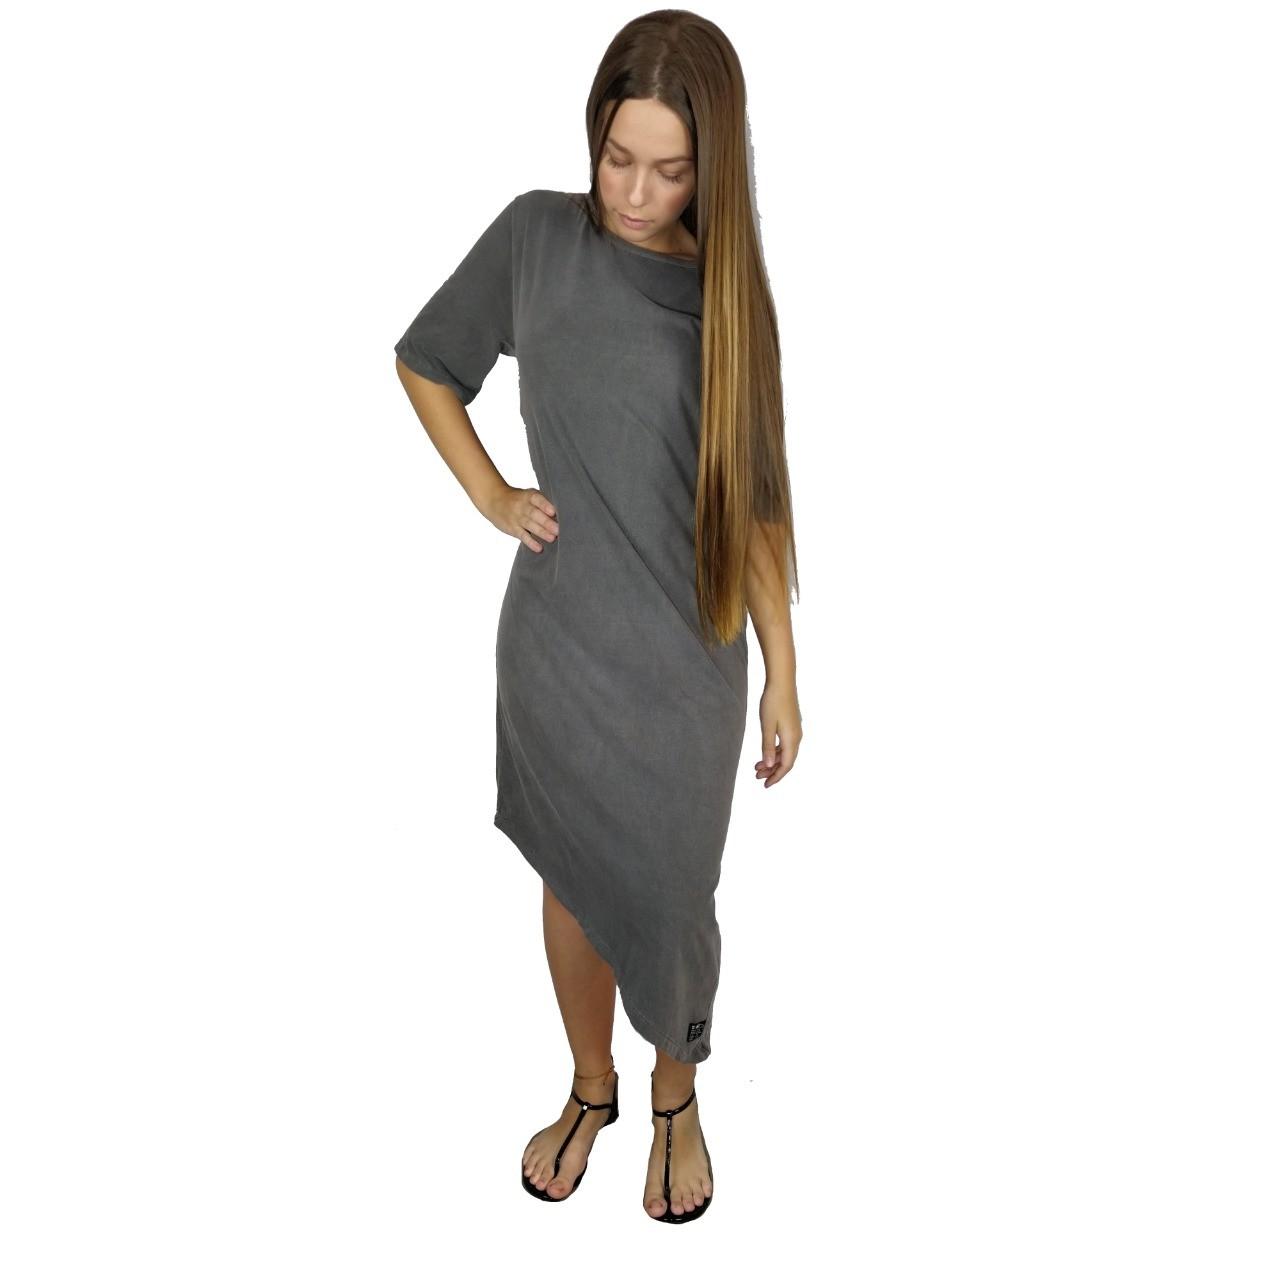 Vestido Mid Bico Estonado WSS Brasil Chumbo